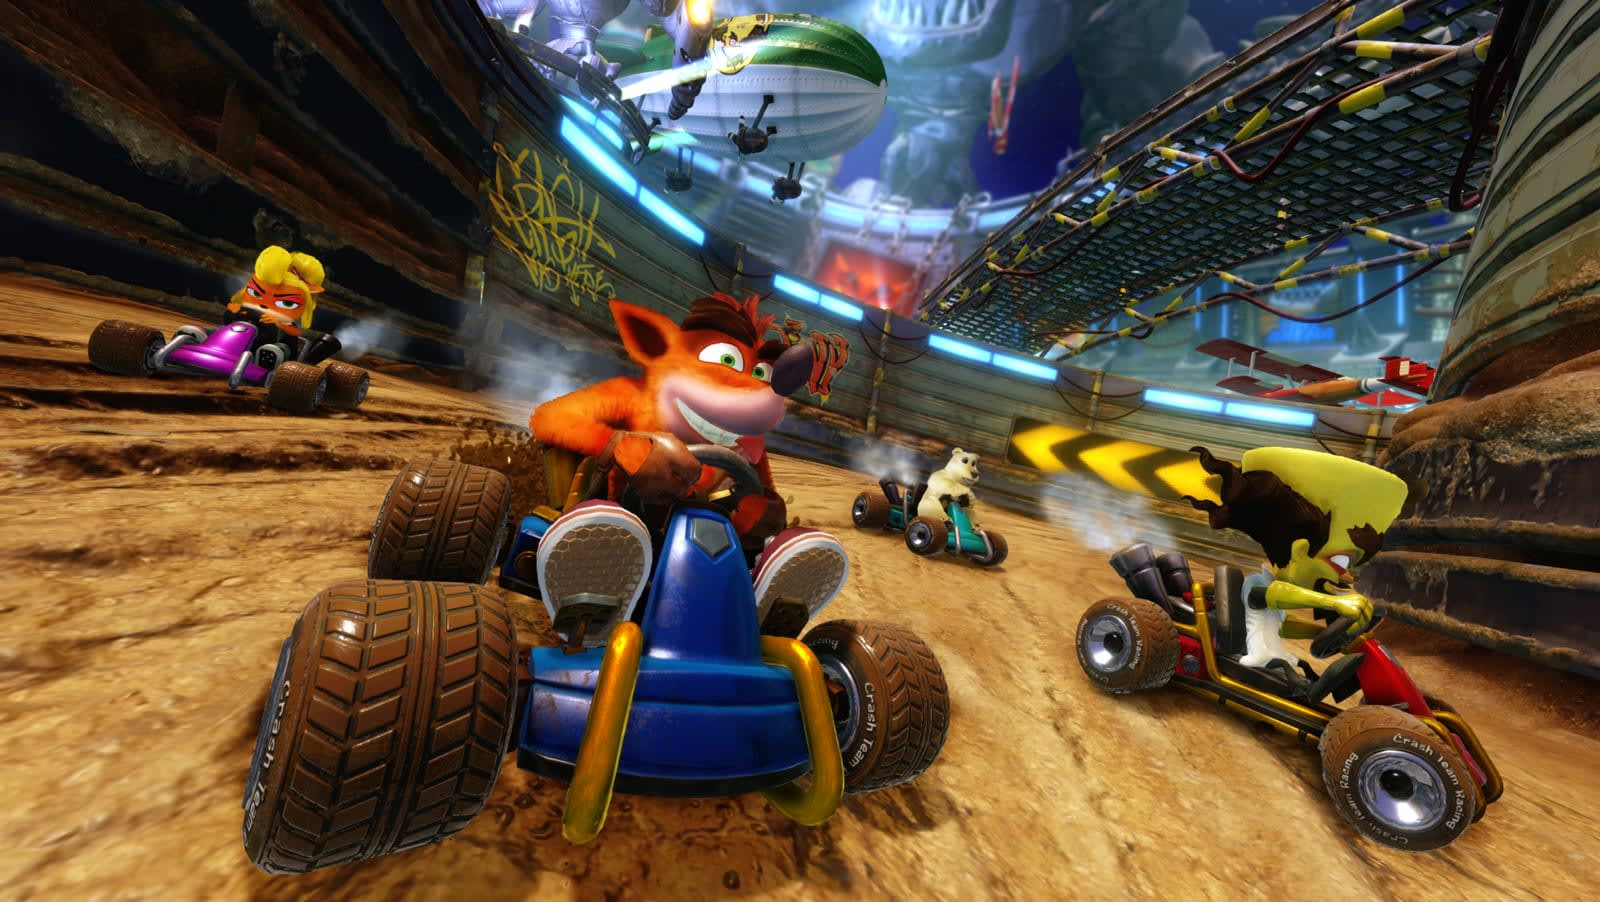 ผลการค้นหารูปภาพสำหรับ Crash Team Racing Nitro-Fueled